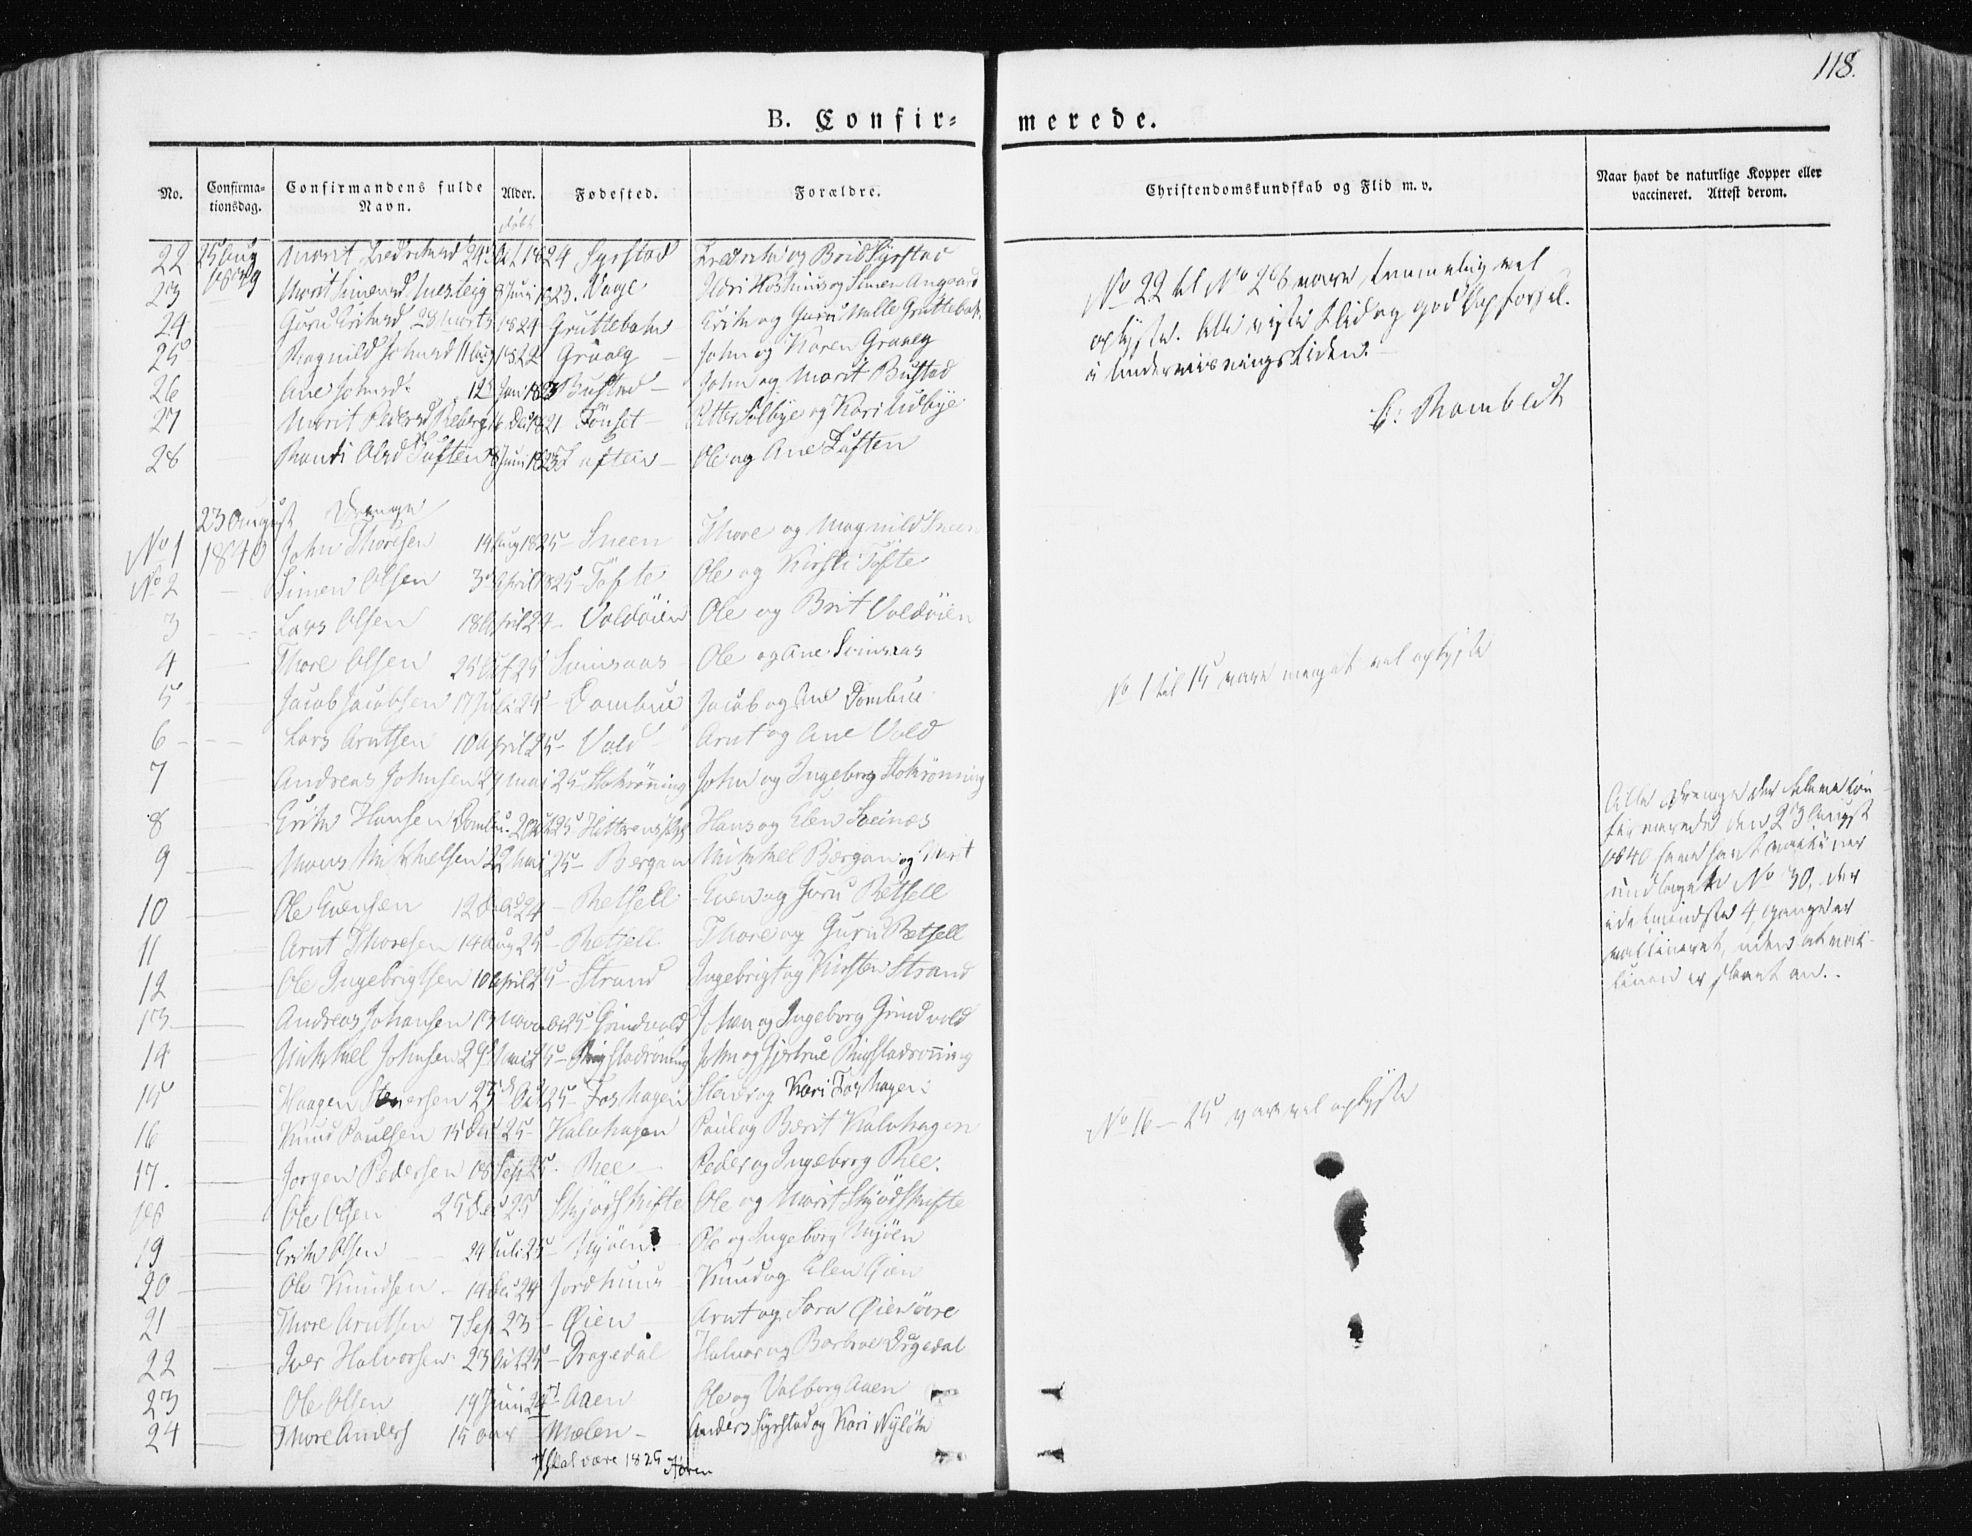 SAT, Ministerialprotokoller, klokkerbøker og fødselsregistre - Sør-Trøndelag, 672/L0855: Ministerialbok nr. 672A07, 1829-1860, s. 118